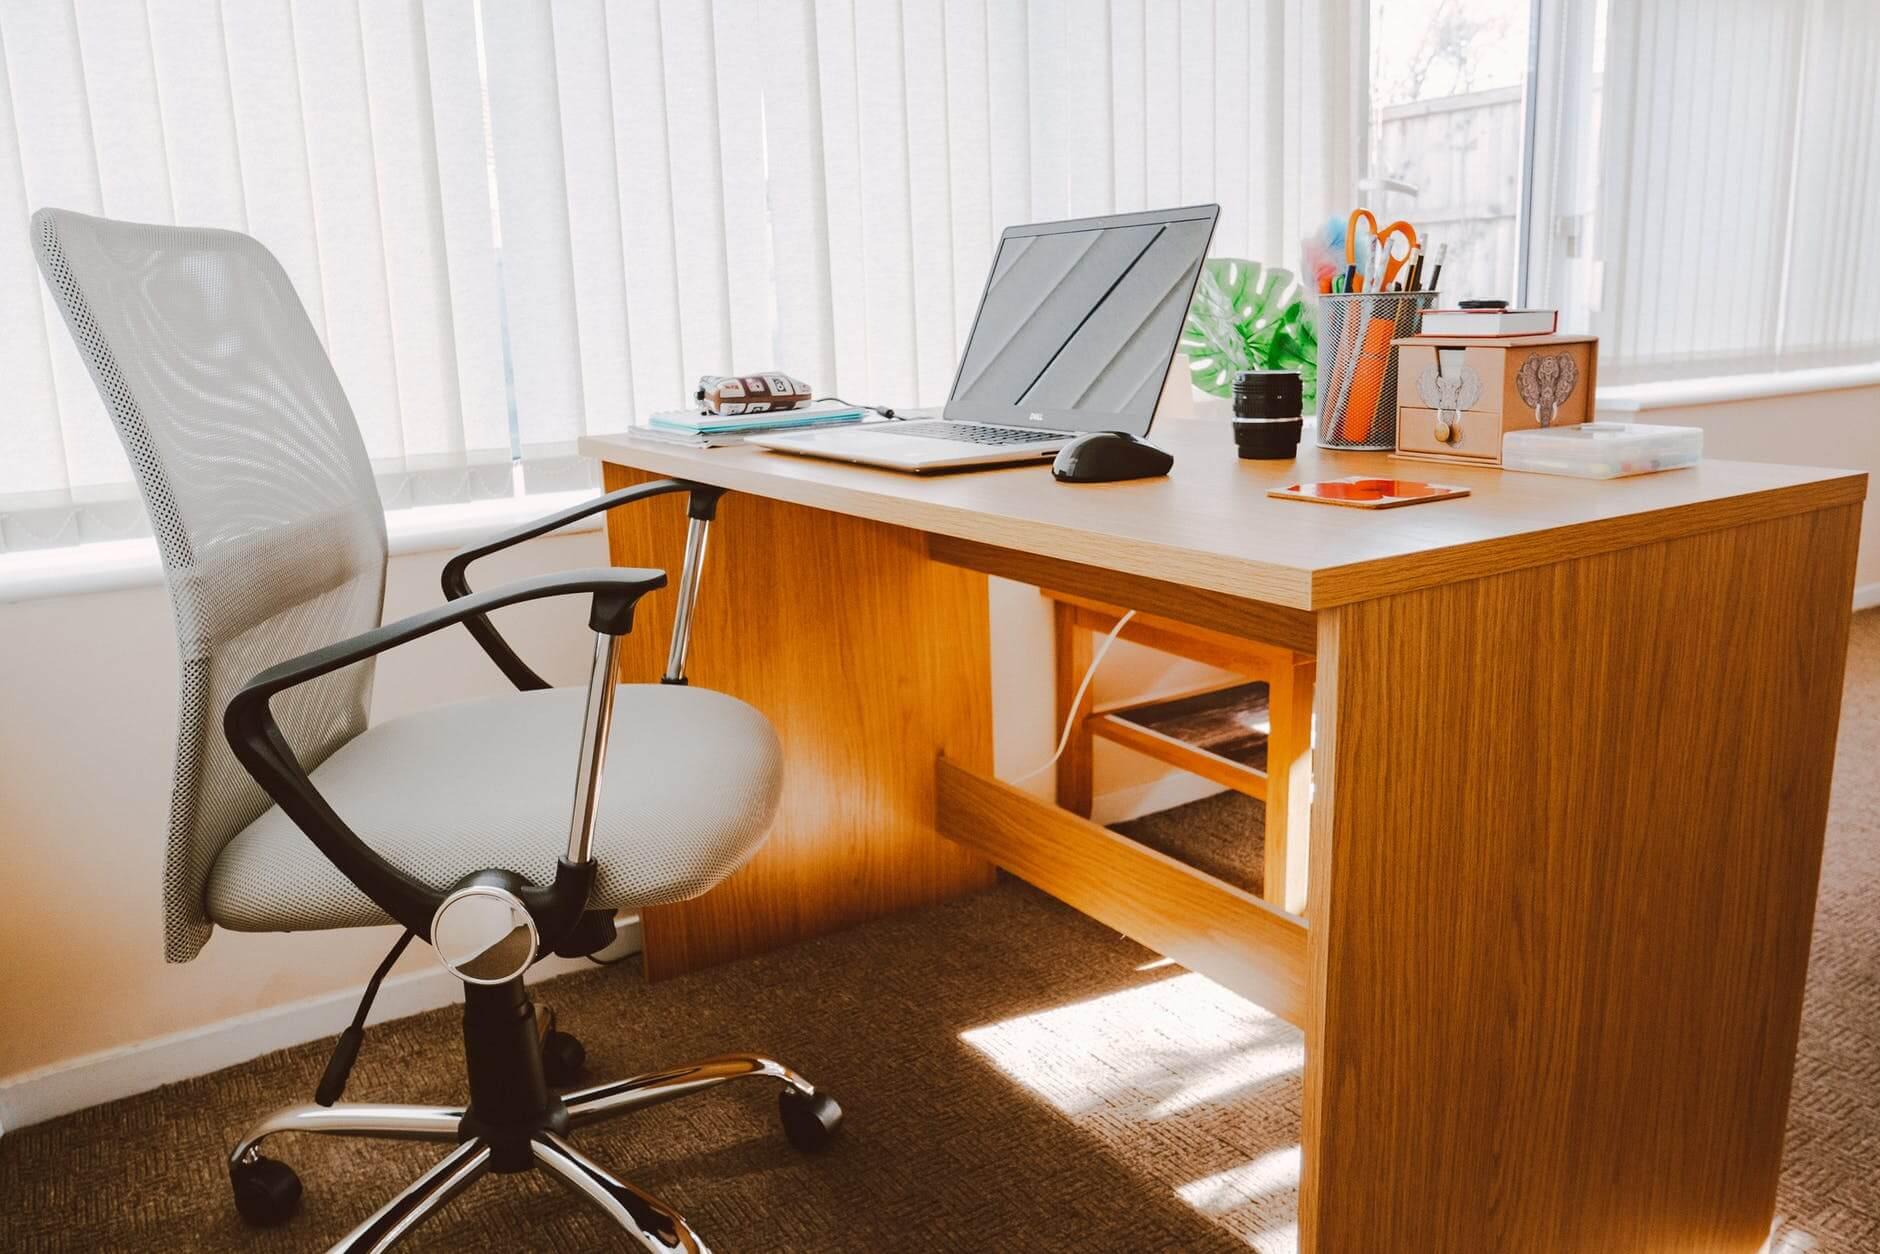 Jak wybrać krzesło do biurka?